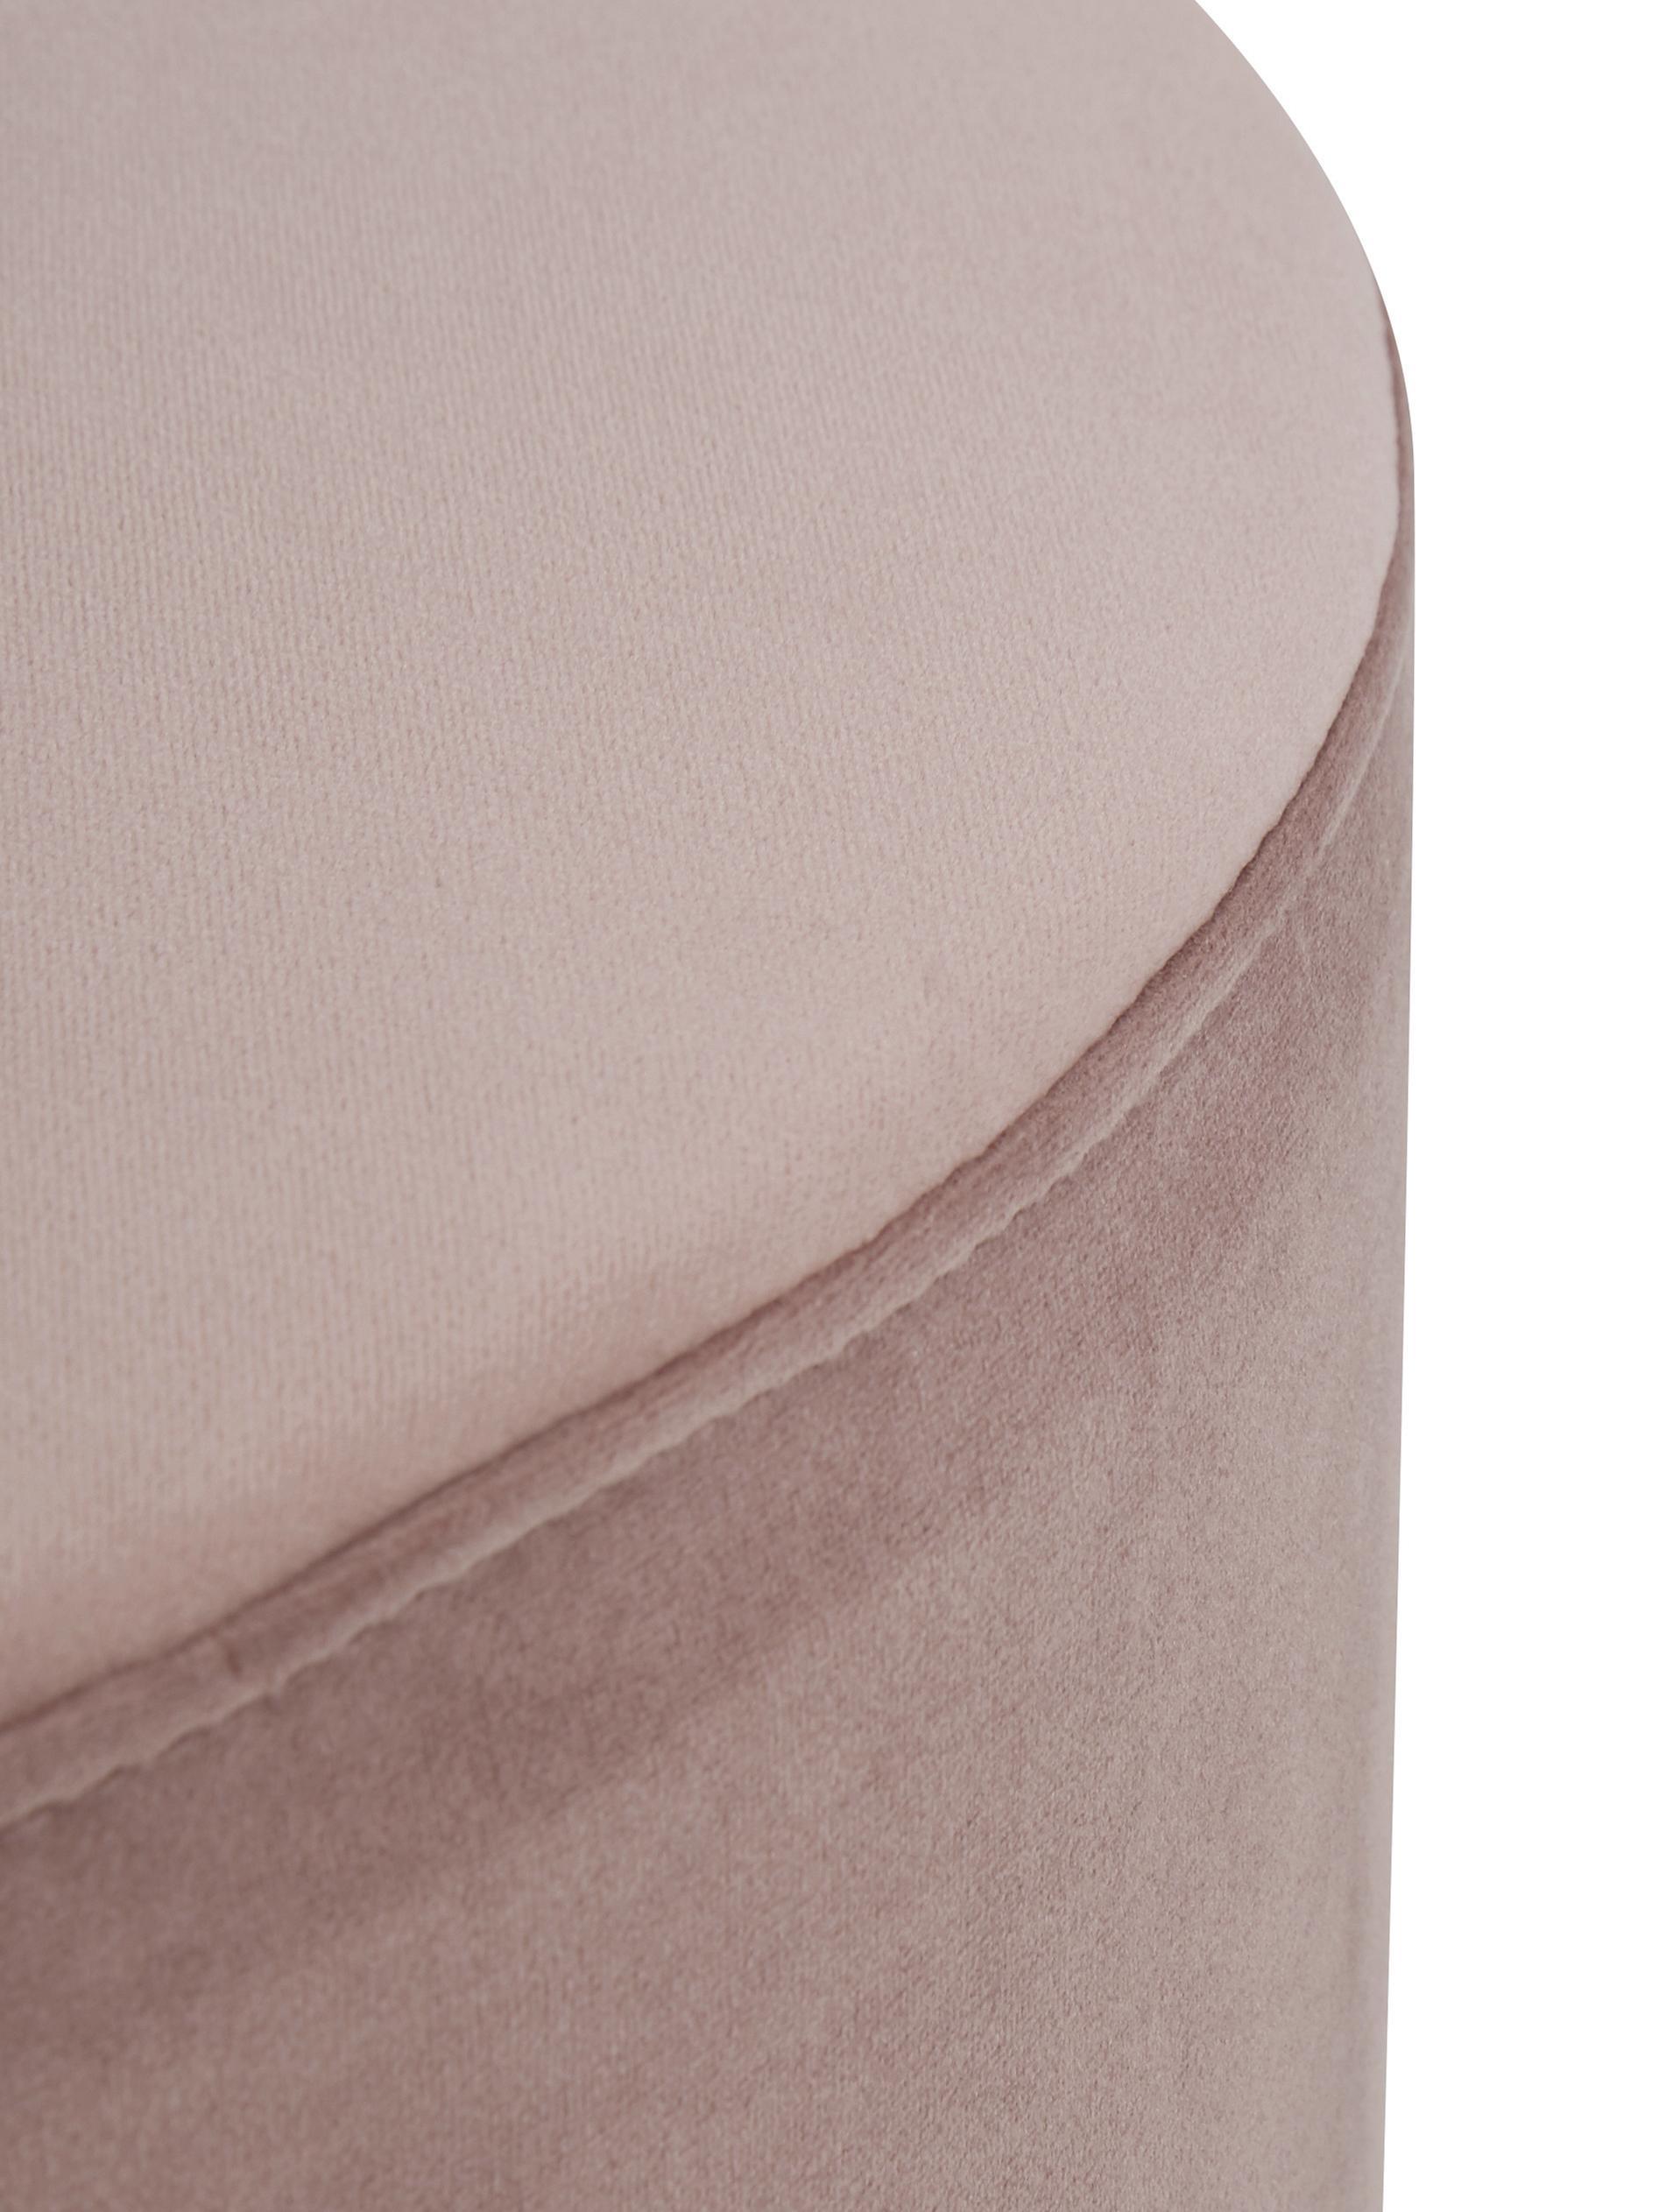 Puf z aksamitu Daisy, Tapicerka: aksamit (poliester) Tkani, Różowy, ∅ 54 x W 40 cm